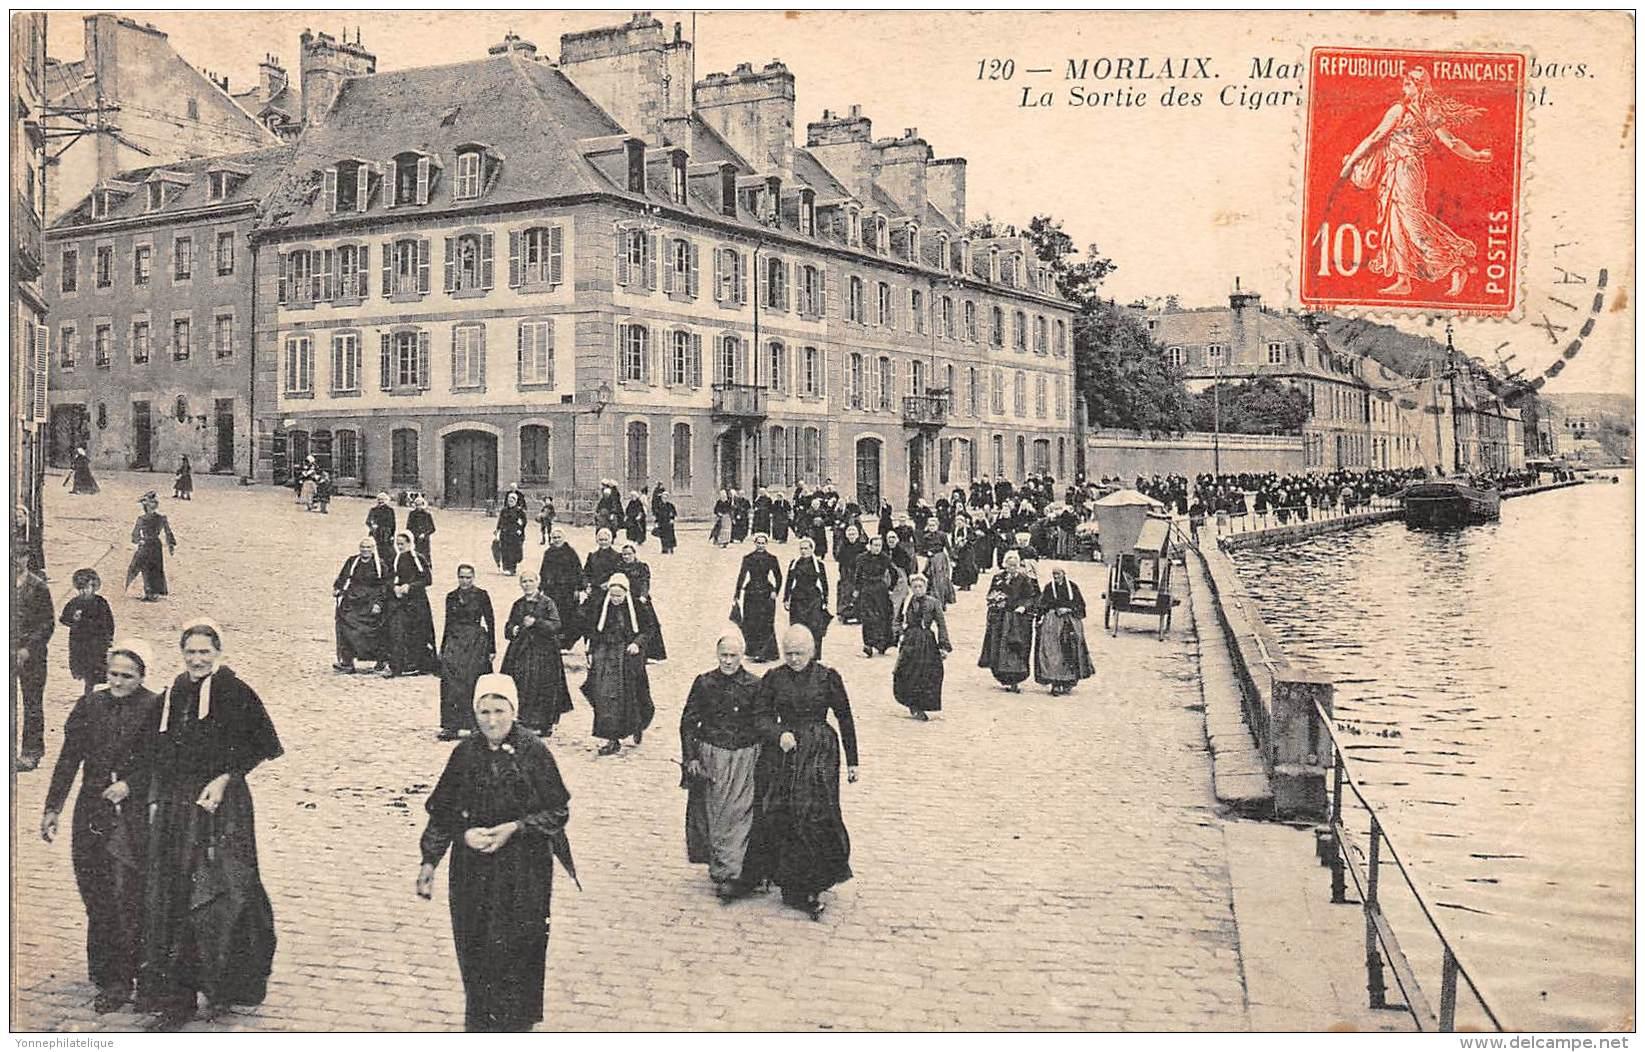 29 - FINISTERE / Morlaix - B293100 - La Sortie Des Cigarières - Morlaix